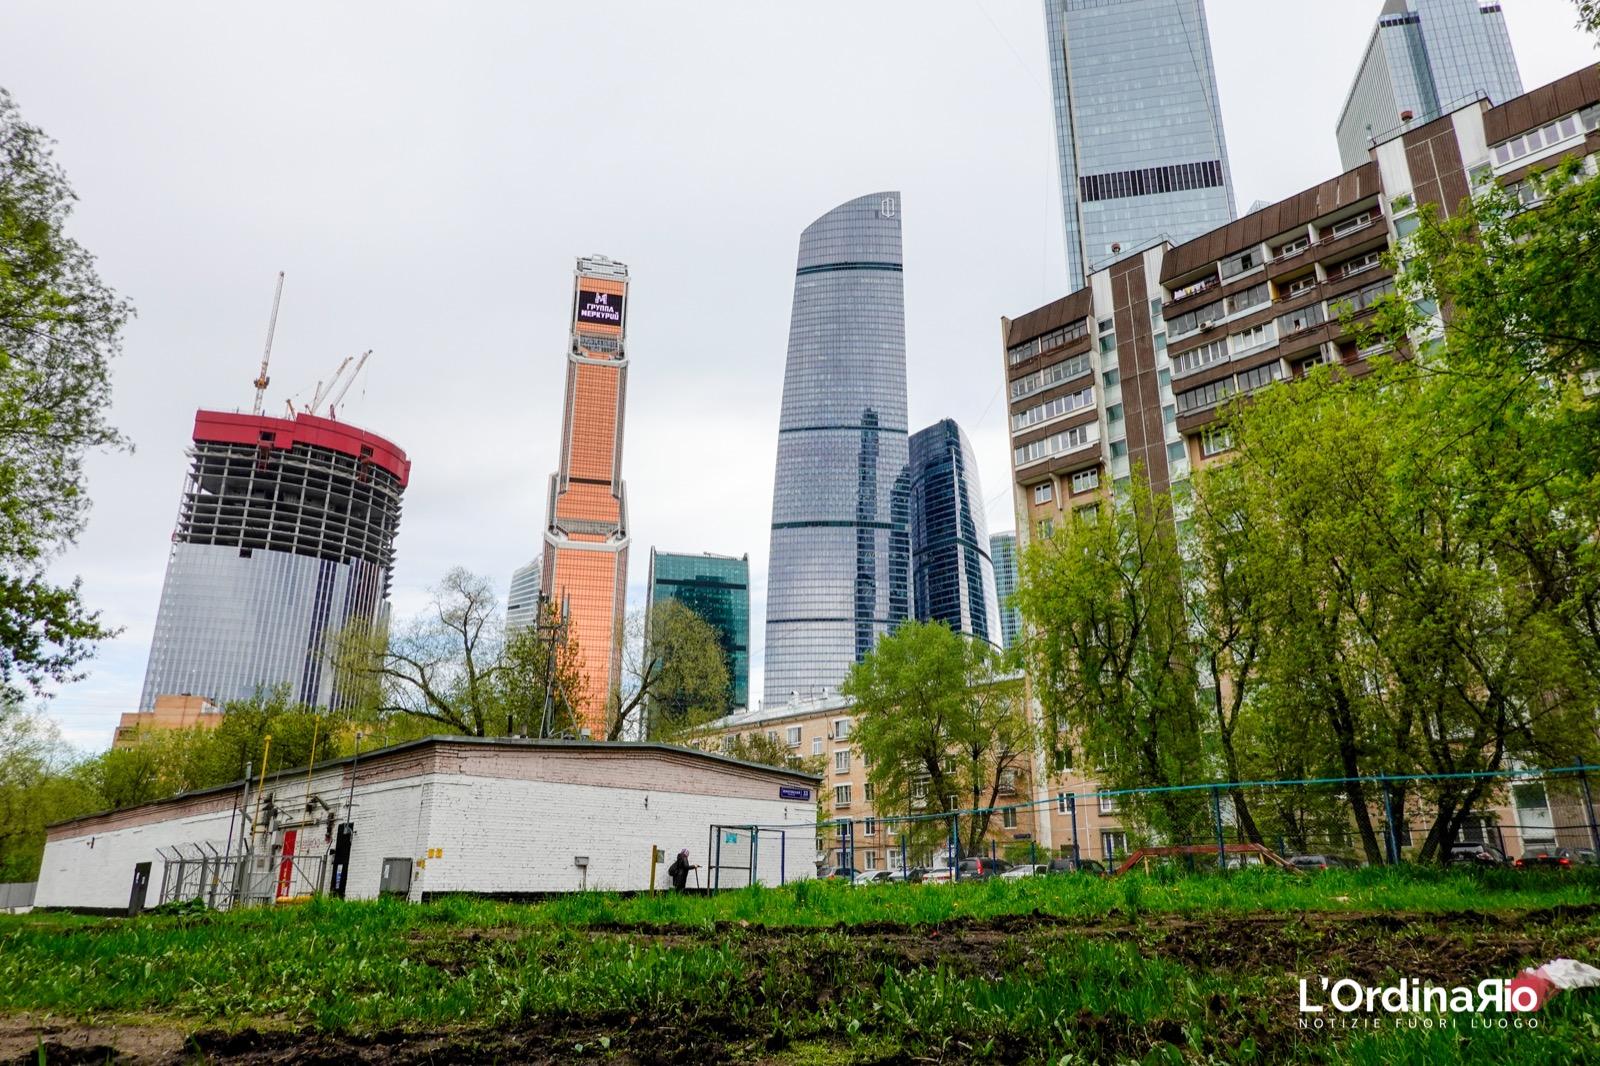 Trekking urbano a Mosca (6): Il quartiere della City di Mosca dalla metro Krasnopresnenskaja